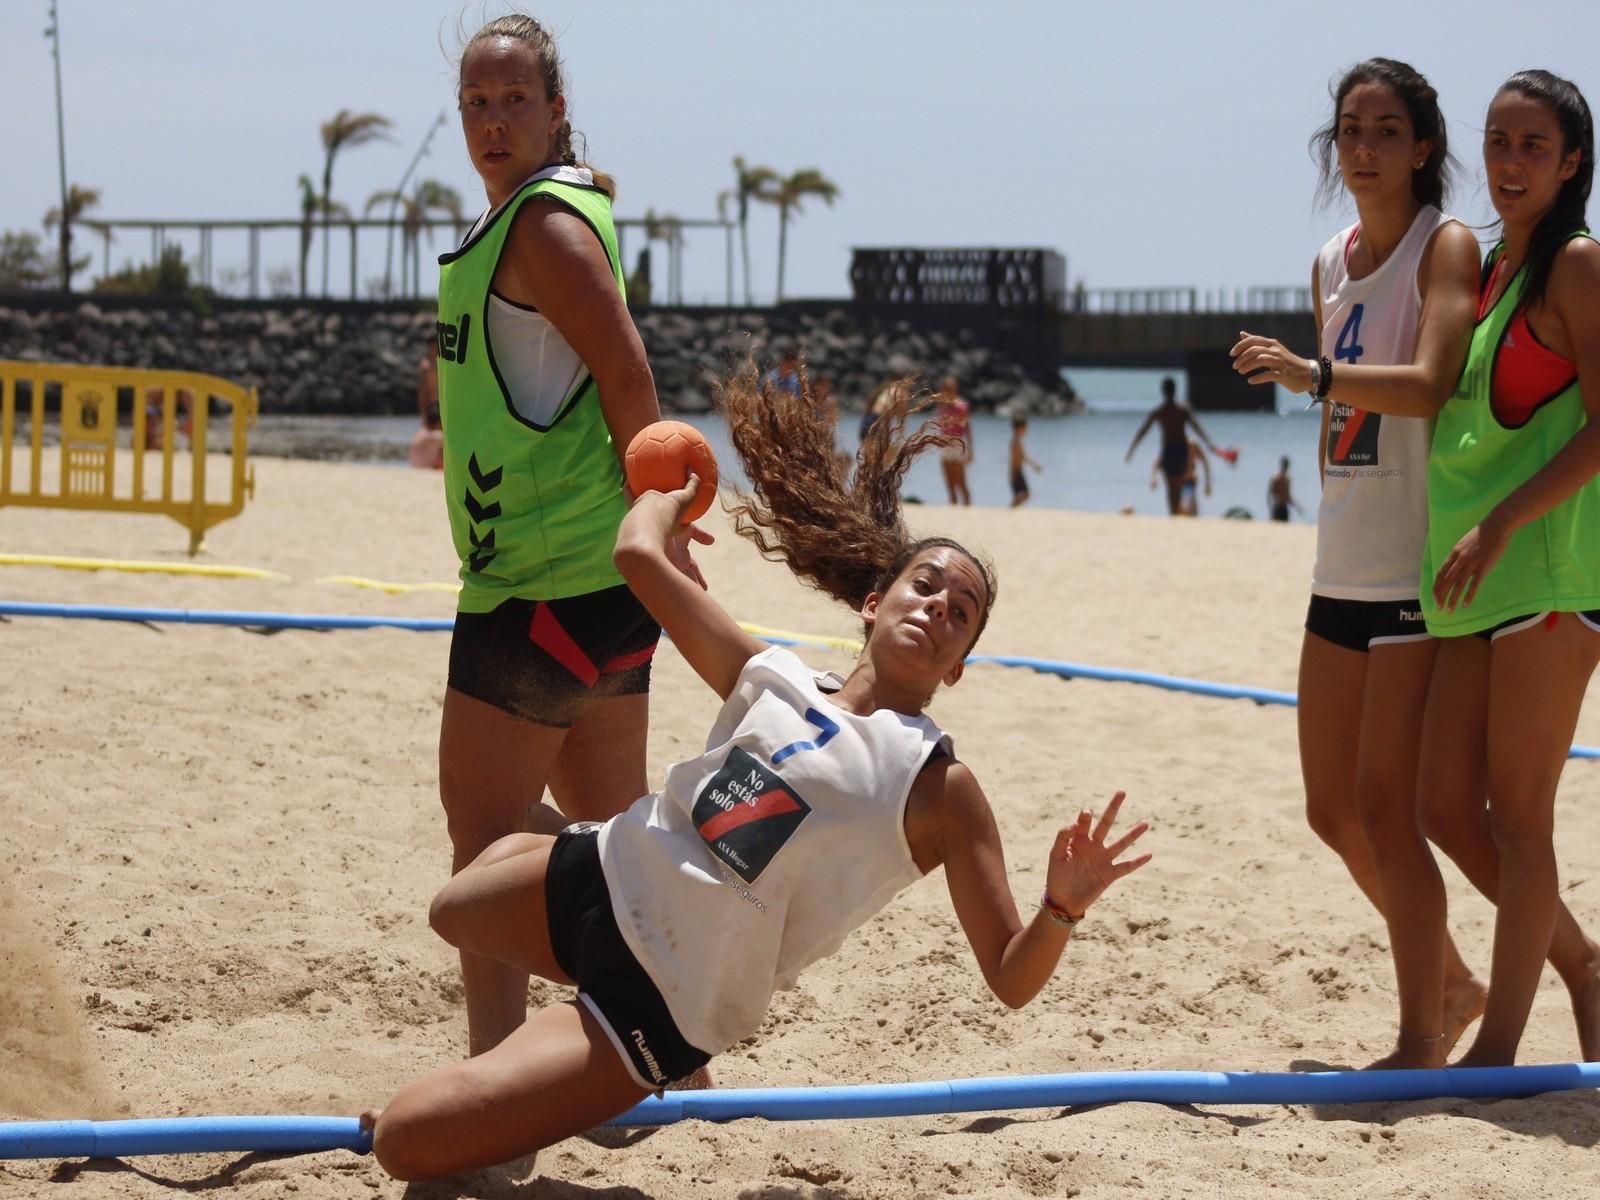 El Reducto acoge los días 17 y 18 de agosto el Torneo de Balonmano Playa